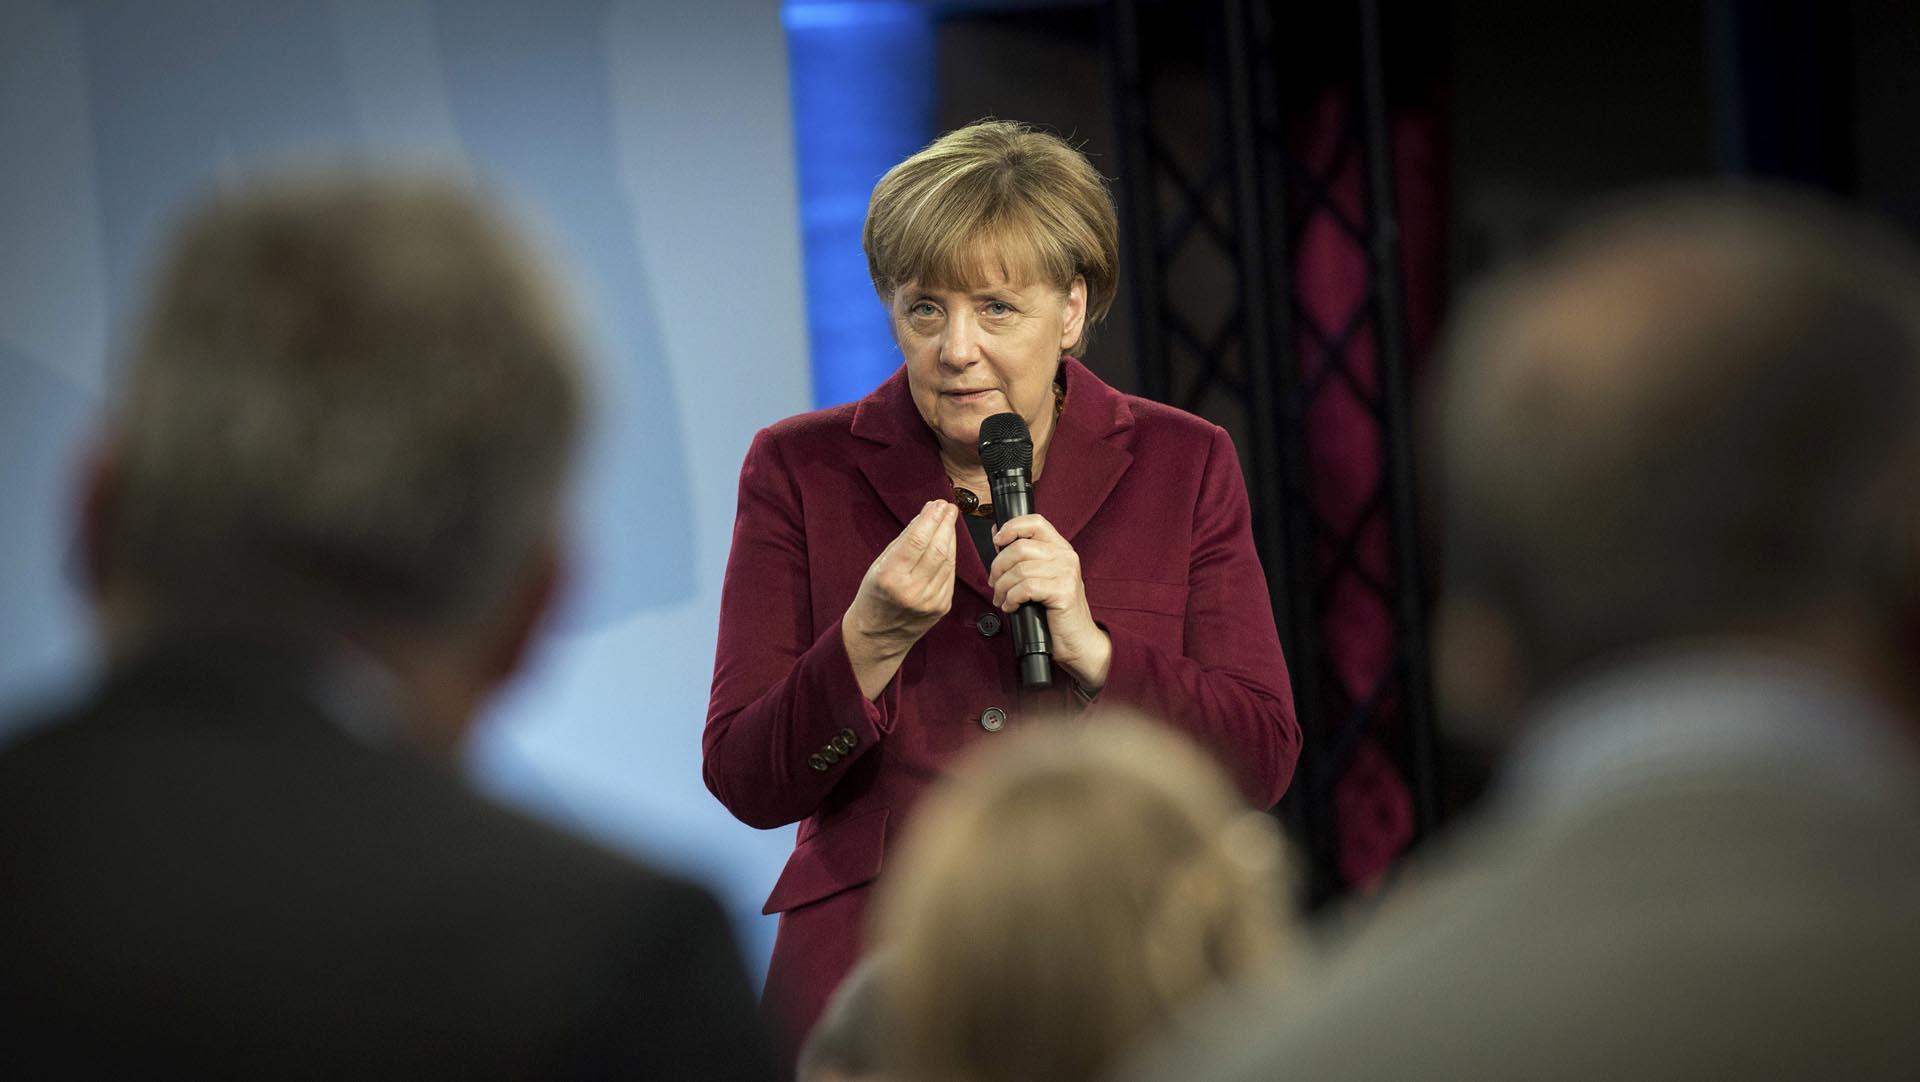 La funcionaria alemana espera traer nuevos acuerdos firmados de Pekín